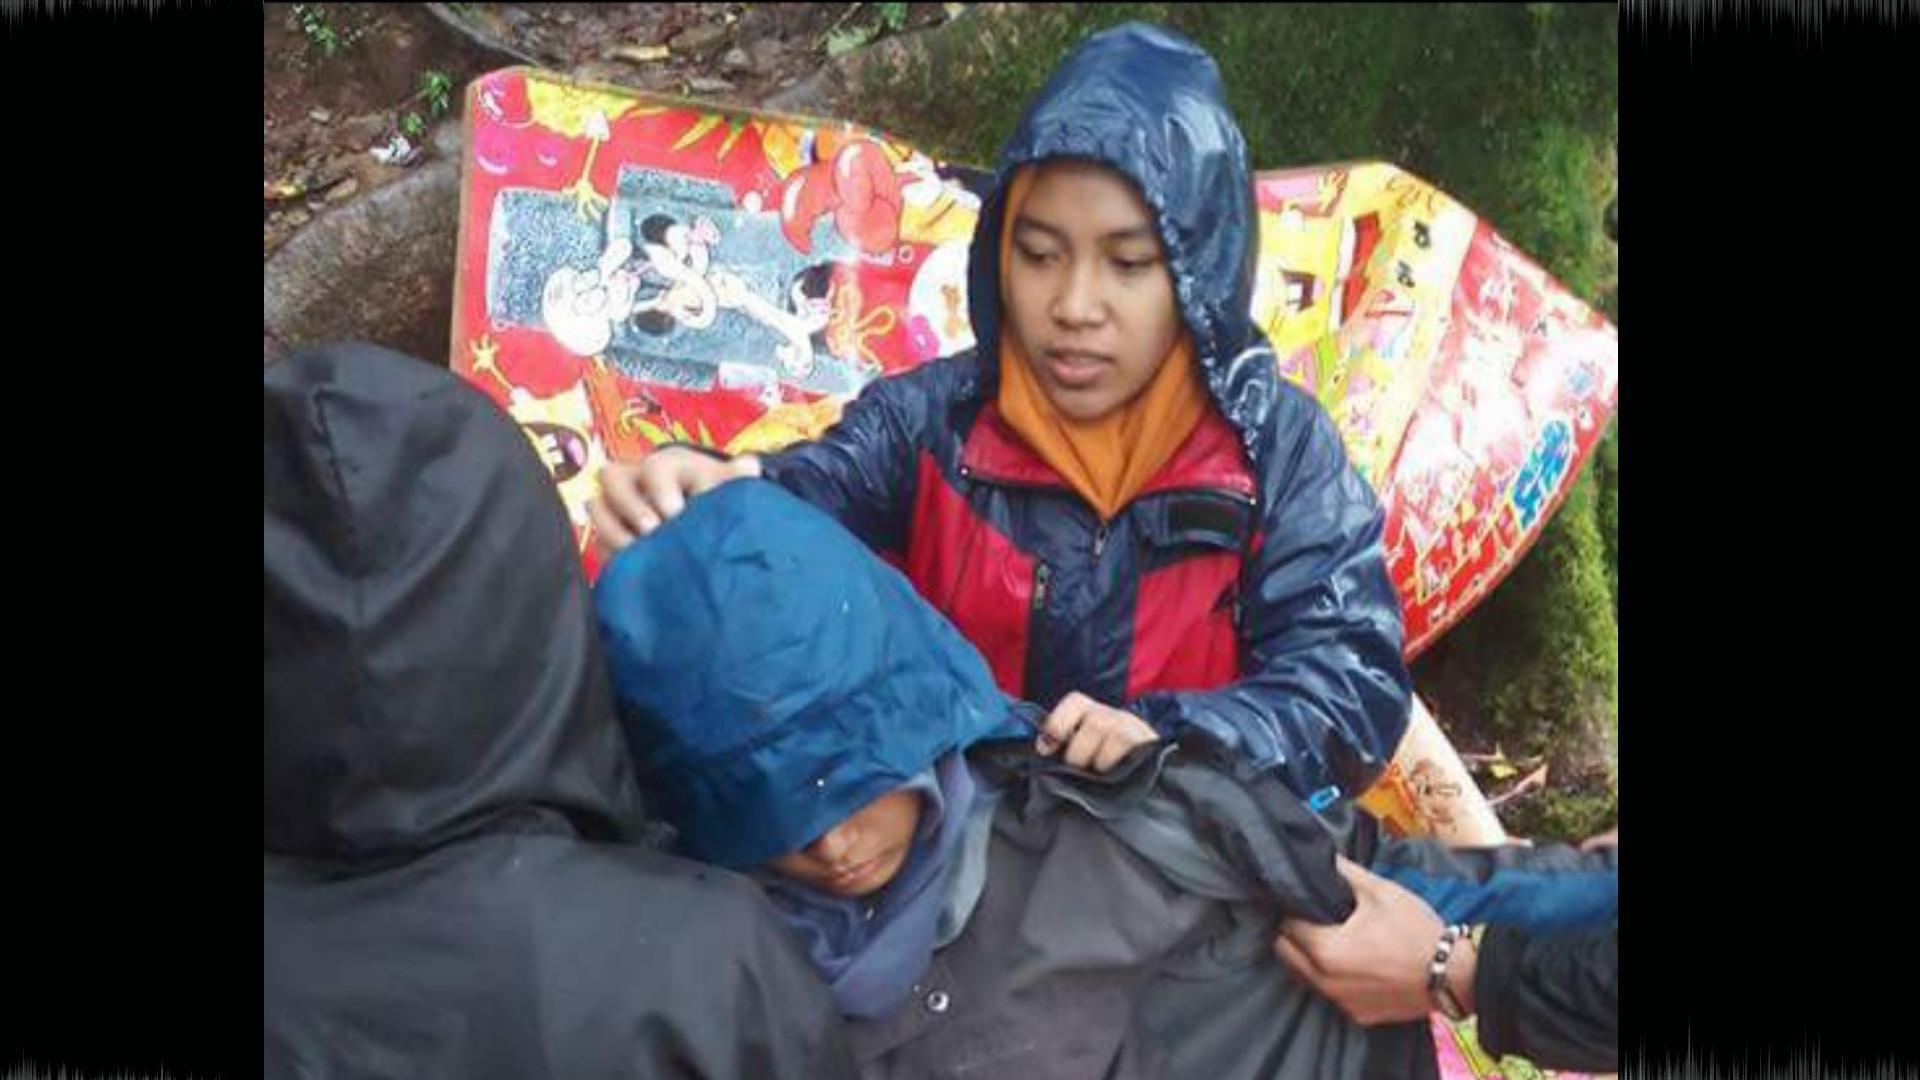 Seorang pendaki perempuan menderita hipotermia karwna ditinggal rombongannya di Pos 8 gunung Bawakaraeng (Istimewa/Liputan6.com)